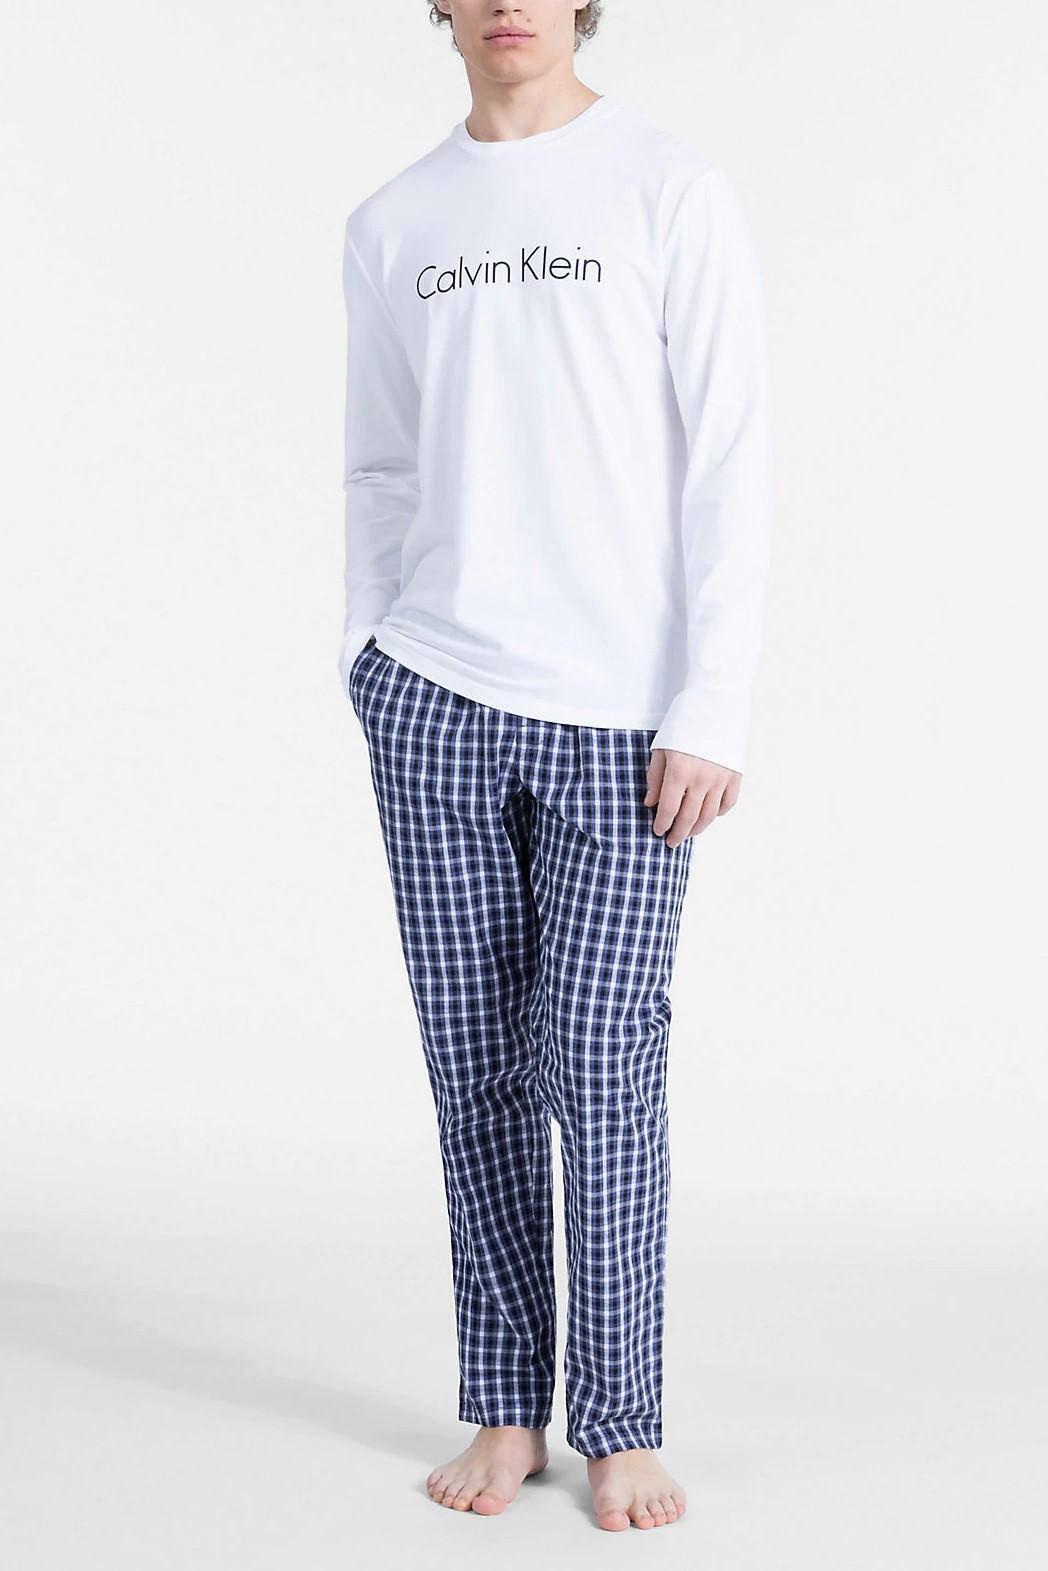 d6fbec83a7 ... Calvin Klein modro-biele pánske pyžamo L S Pant Set. -5% -30%